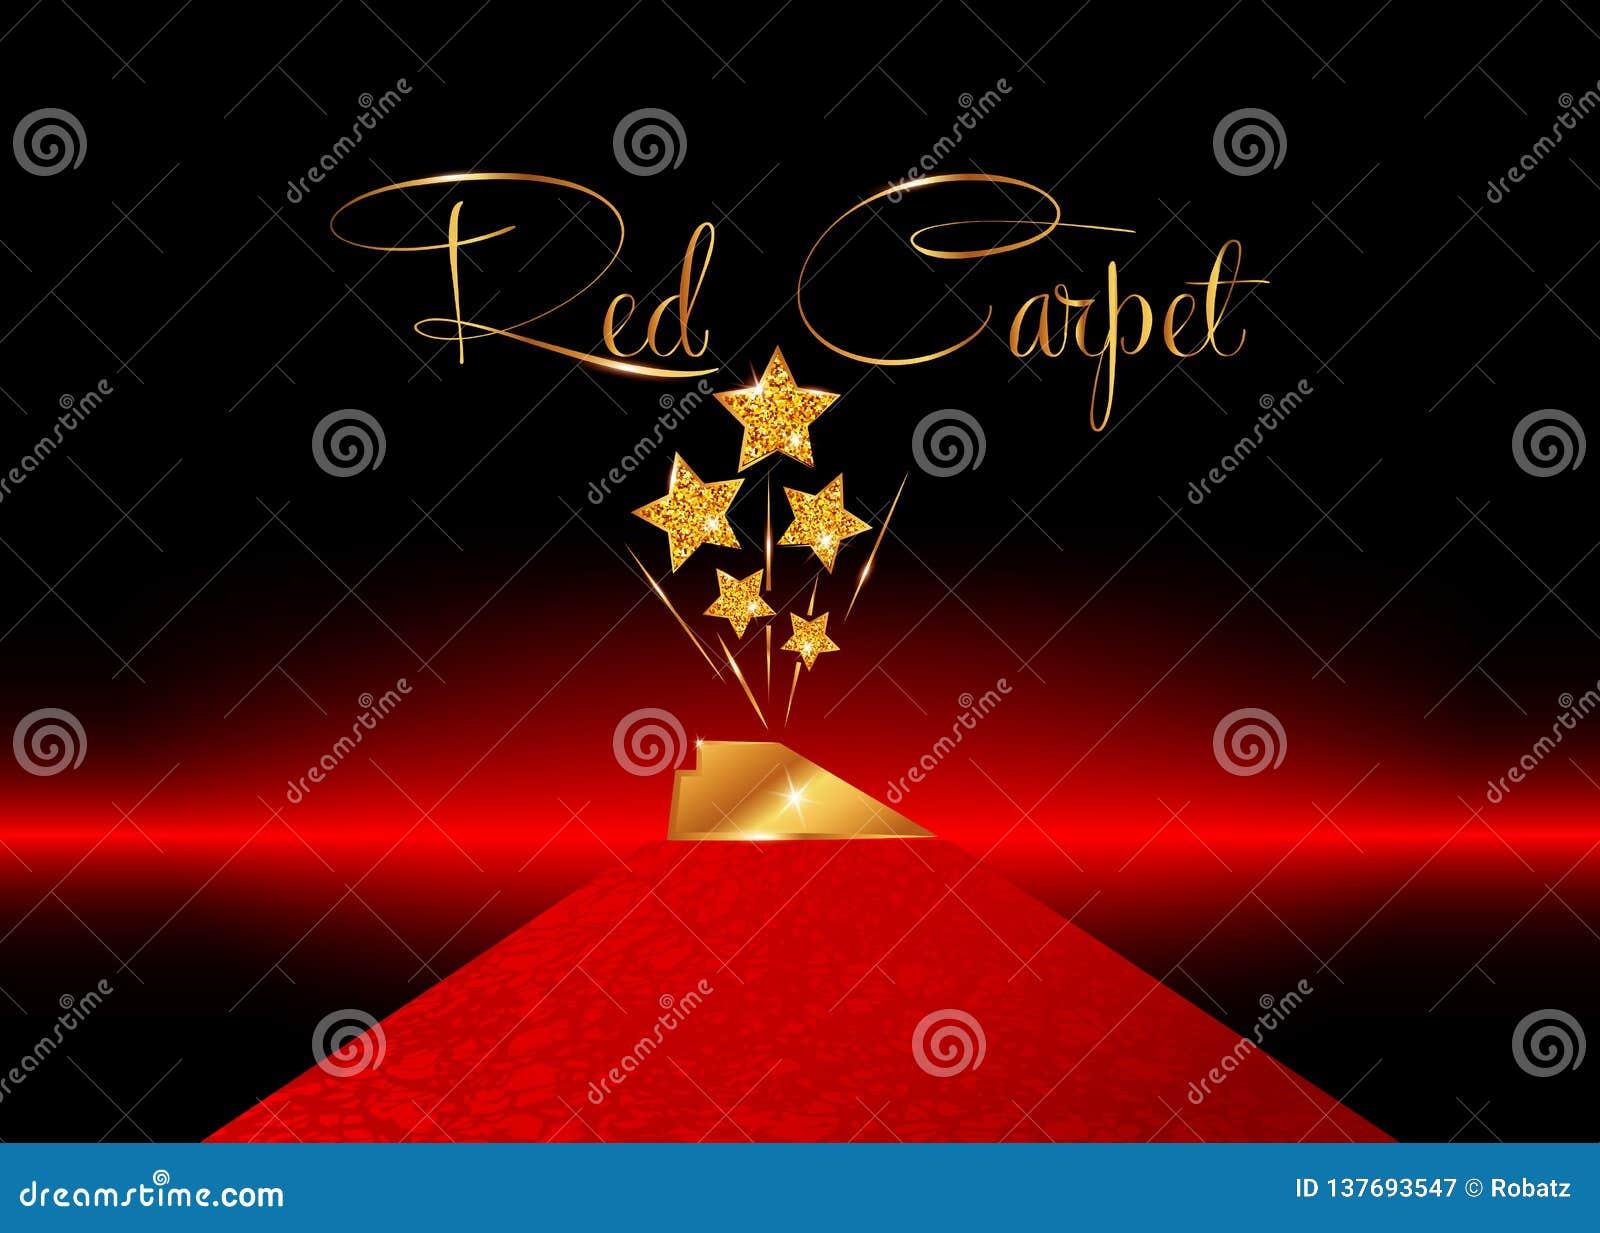 HOLLYWOOD-Film PARTEI Gold-STERN-PREIS Statuen-Preis, der Zeremonie roten Teppich und goldene Sterne Preiskonzept, funkelnde Art